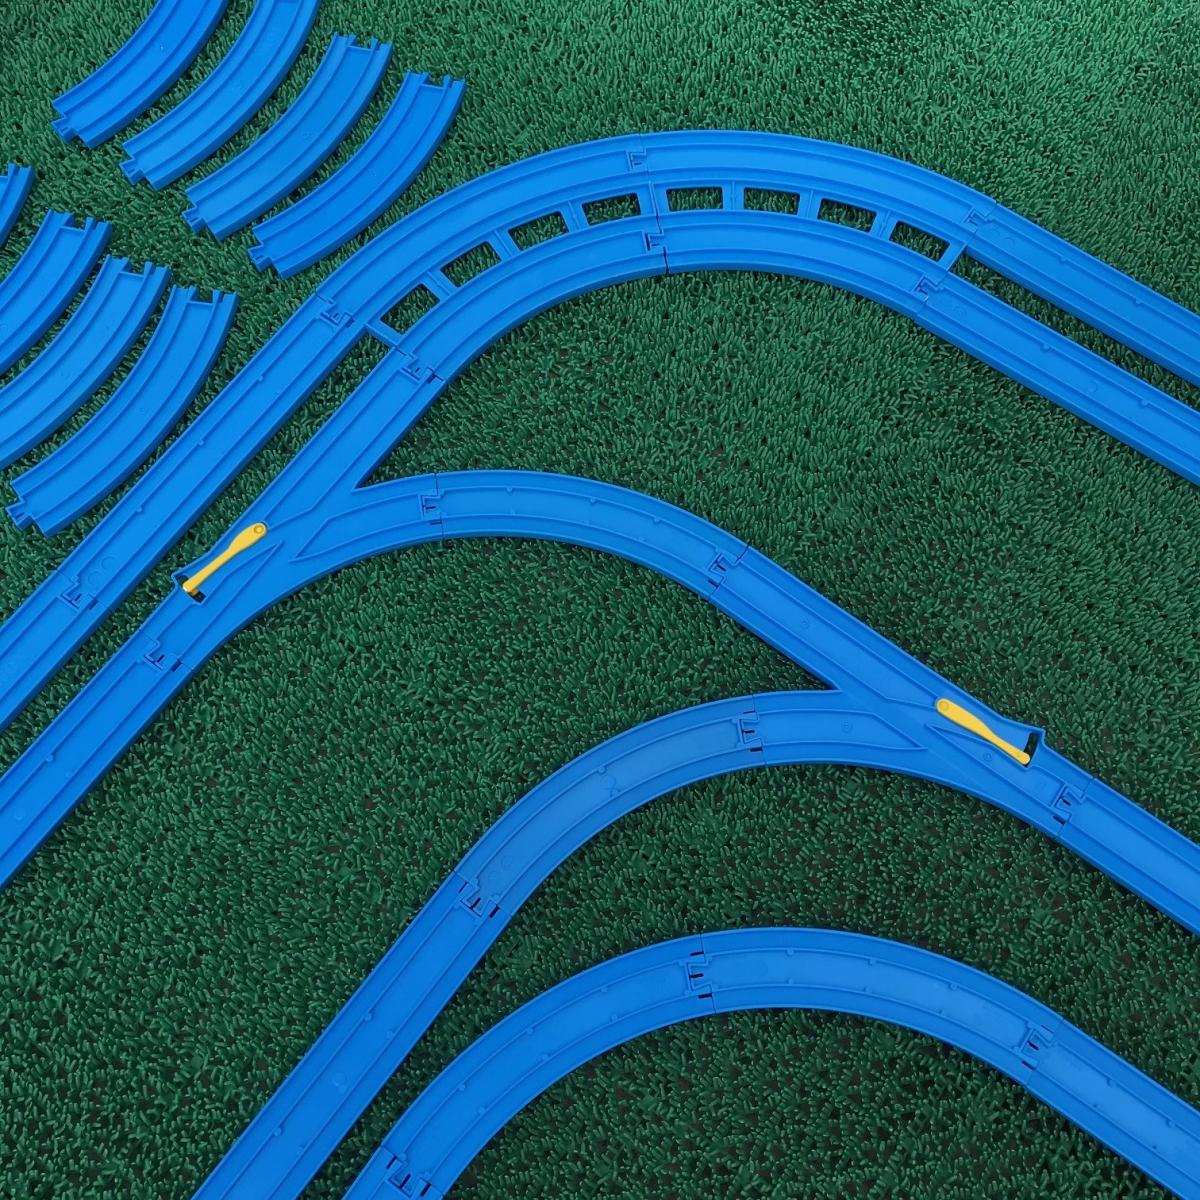 プラレール② 直線 曲線 複線曲線レール 複線わたりポイントレール ターンアウトレール 単線複線 レア タカラトミー 大量_画像5